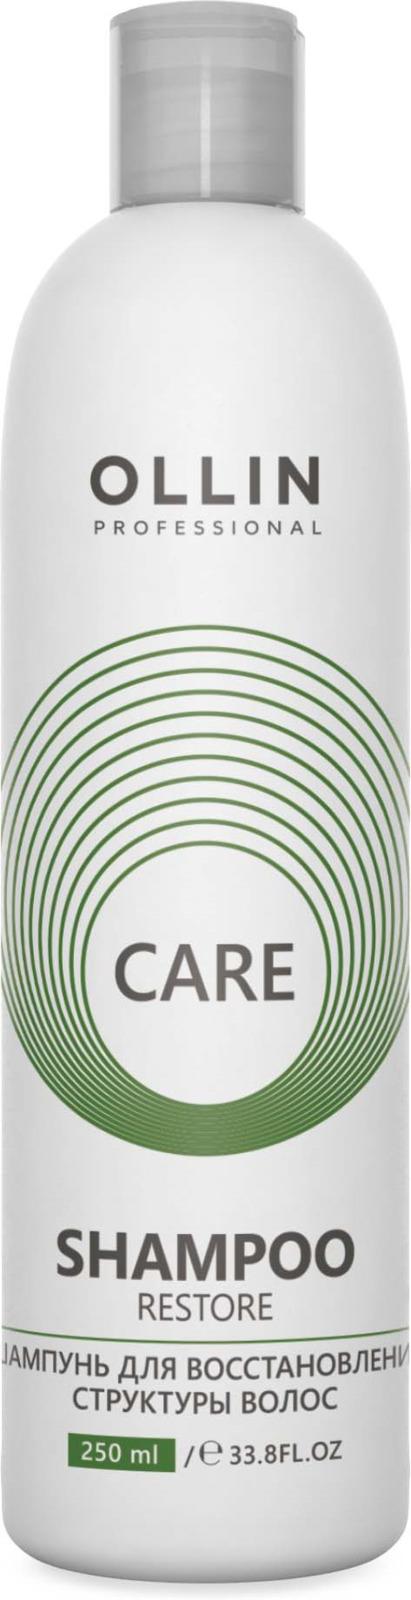 Ollin Шампунь для восстановления структуры волос Care Restore Shampoo 250 мл цены